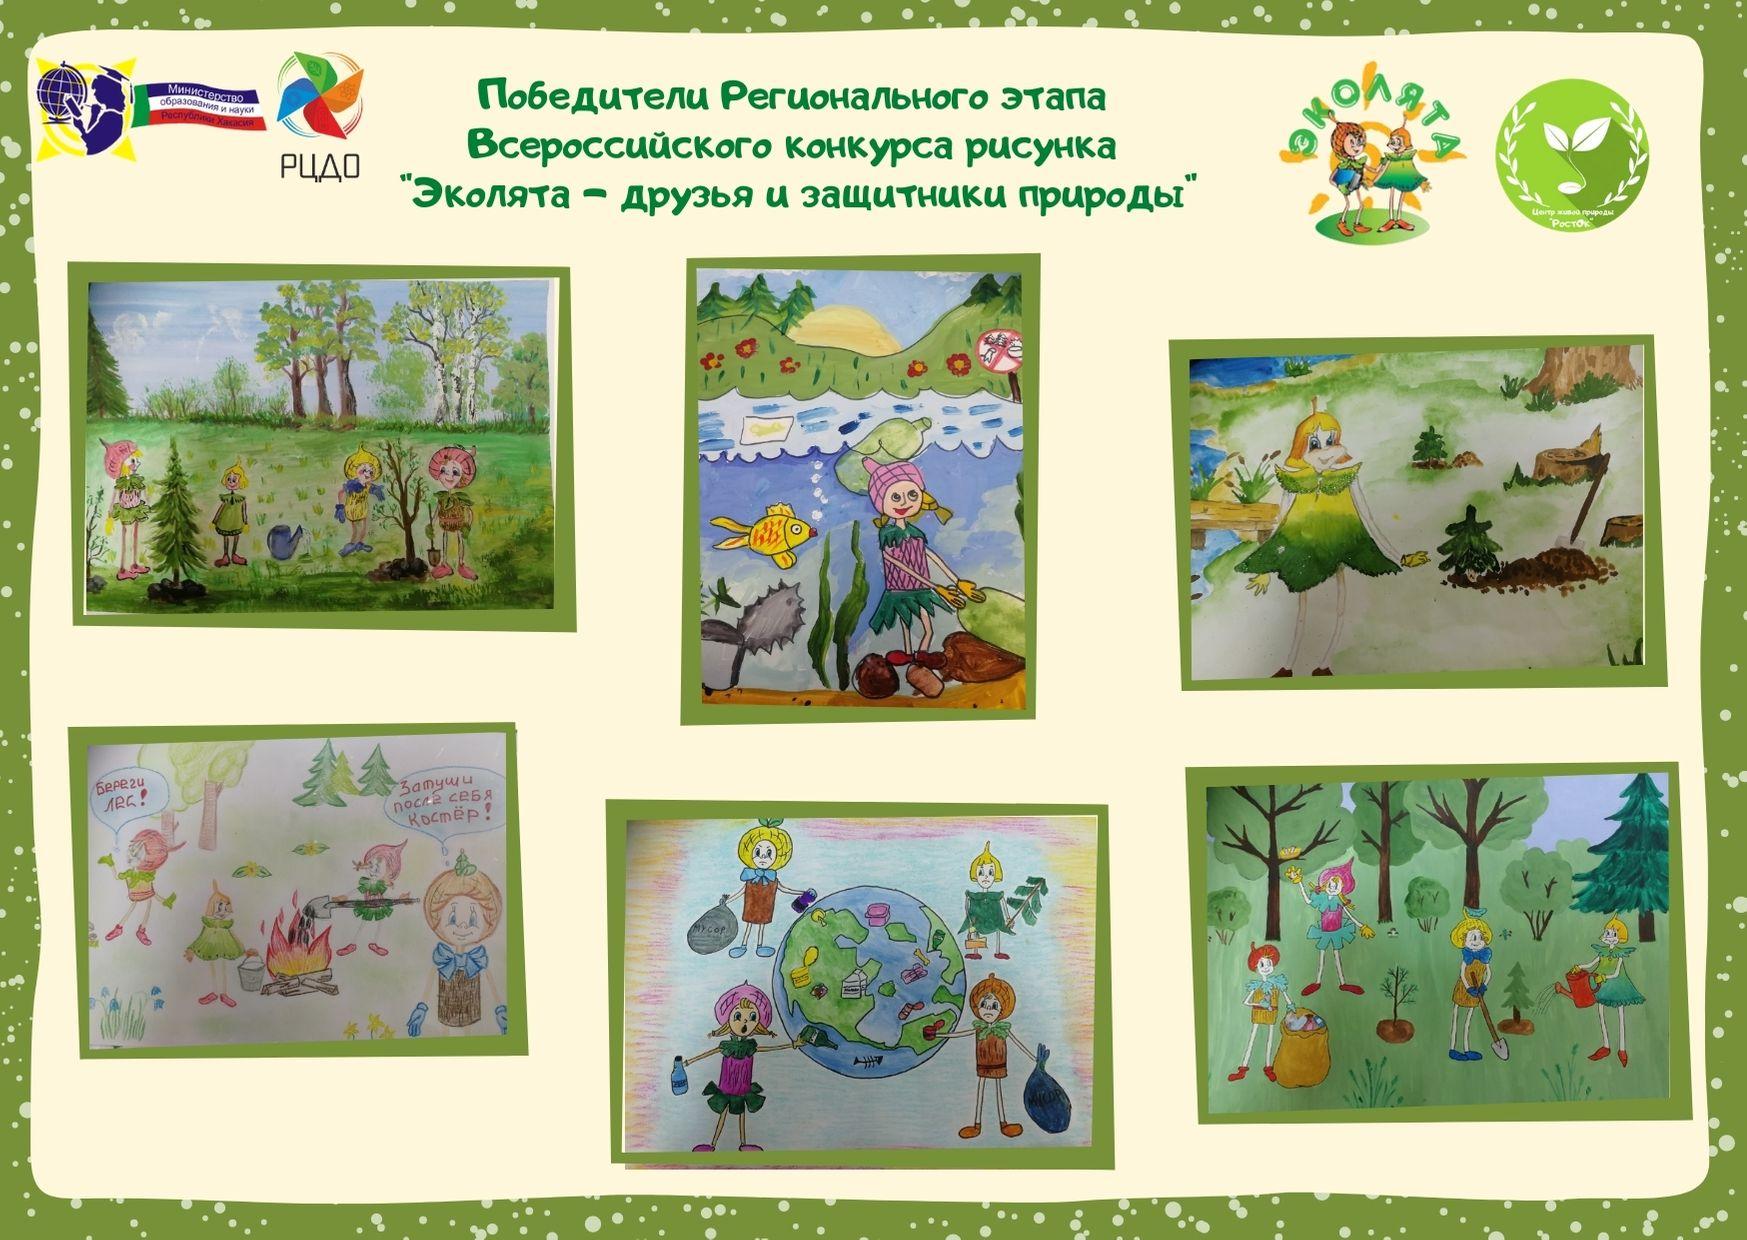 Определены победители и призёры Регионального этапа Всероссийского конкурса рисунка «Эколята – друзья и защитники природы»